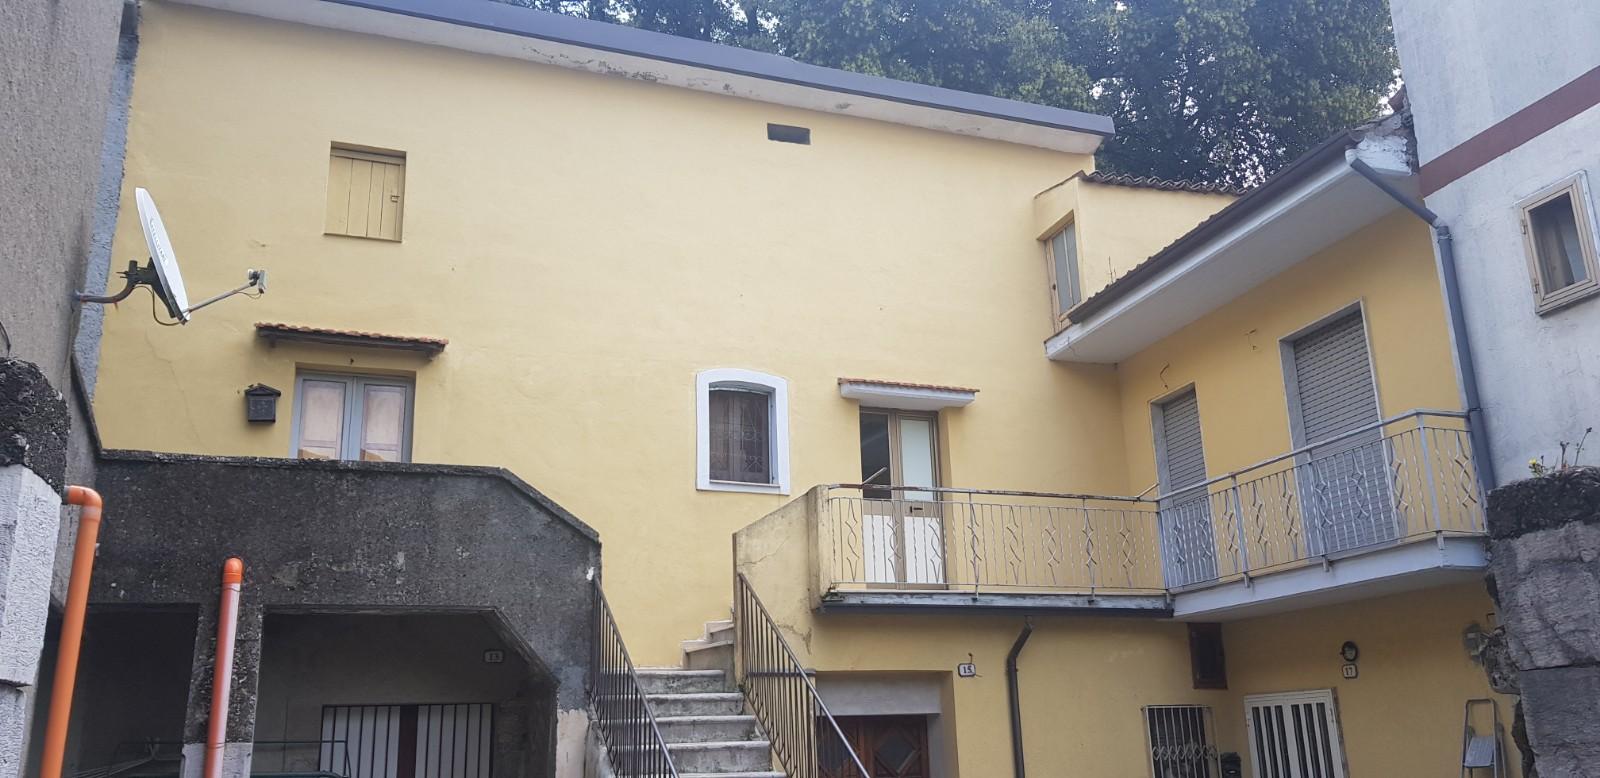 Forino (AV) Appartamento semindipendente con terrazzo